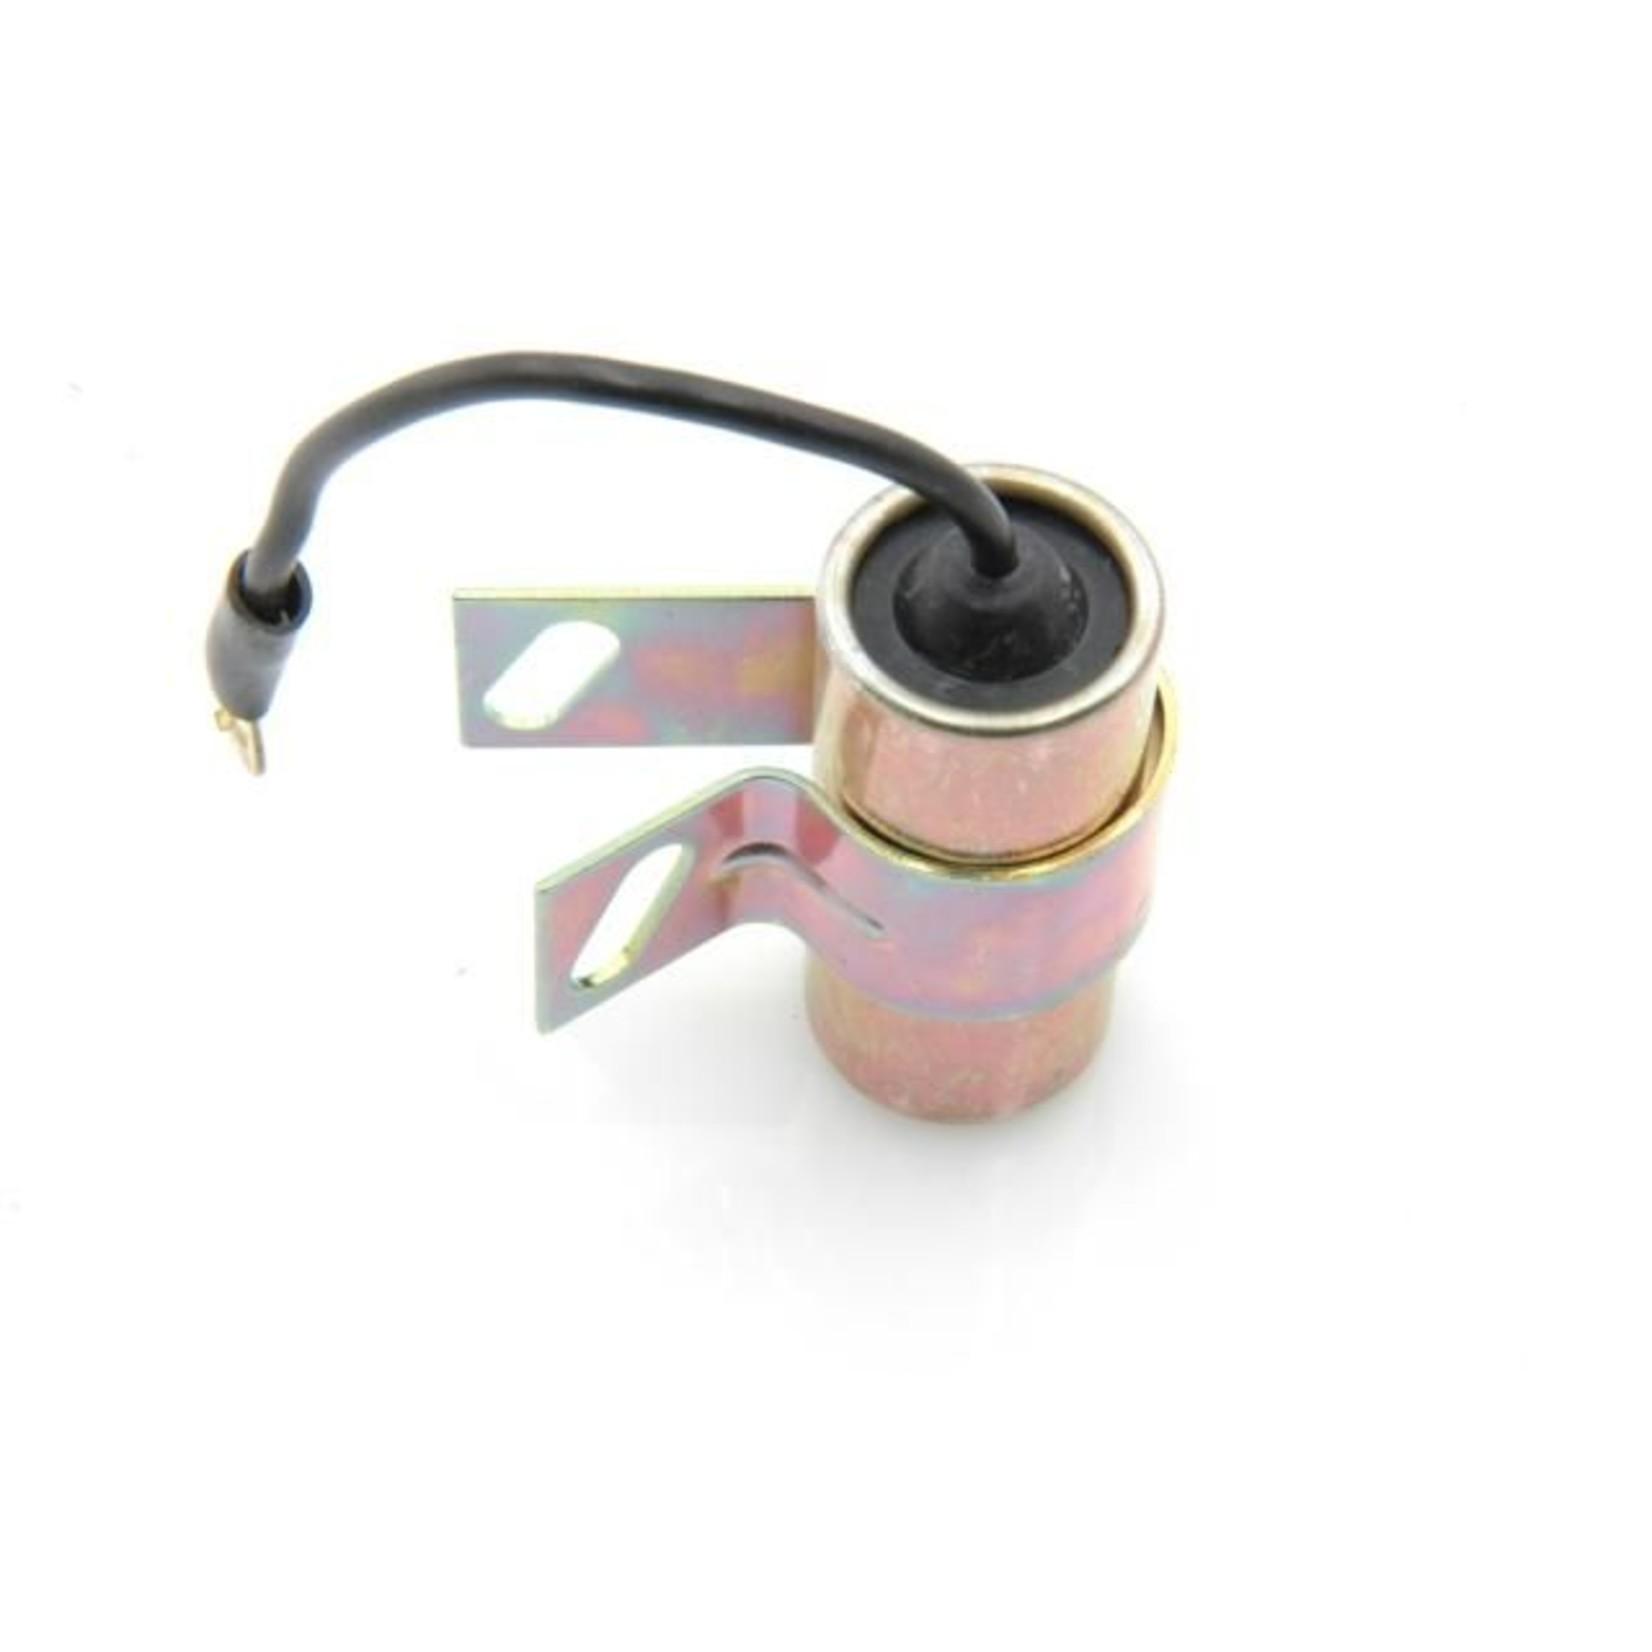 Condensator SEV / Ducellier Nr Org: 5452417